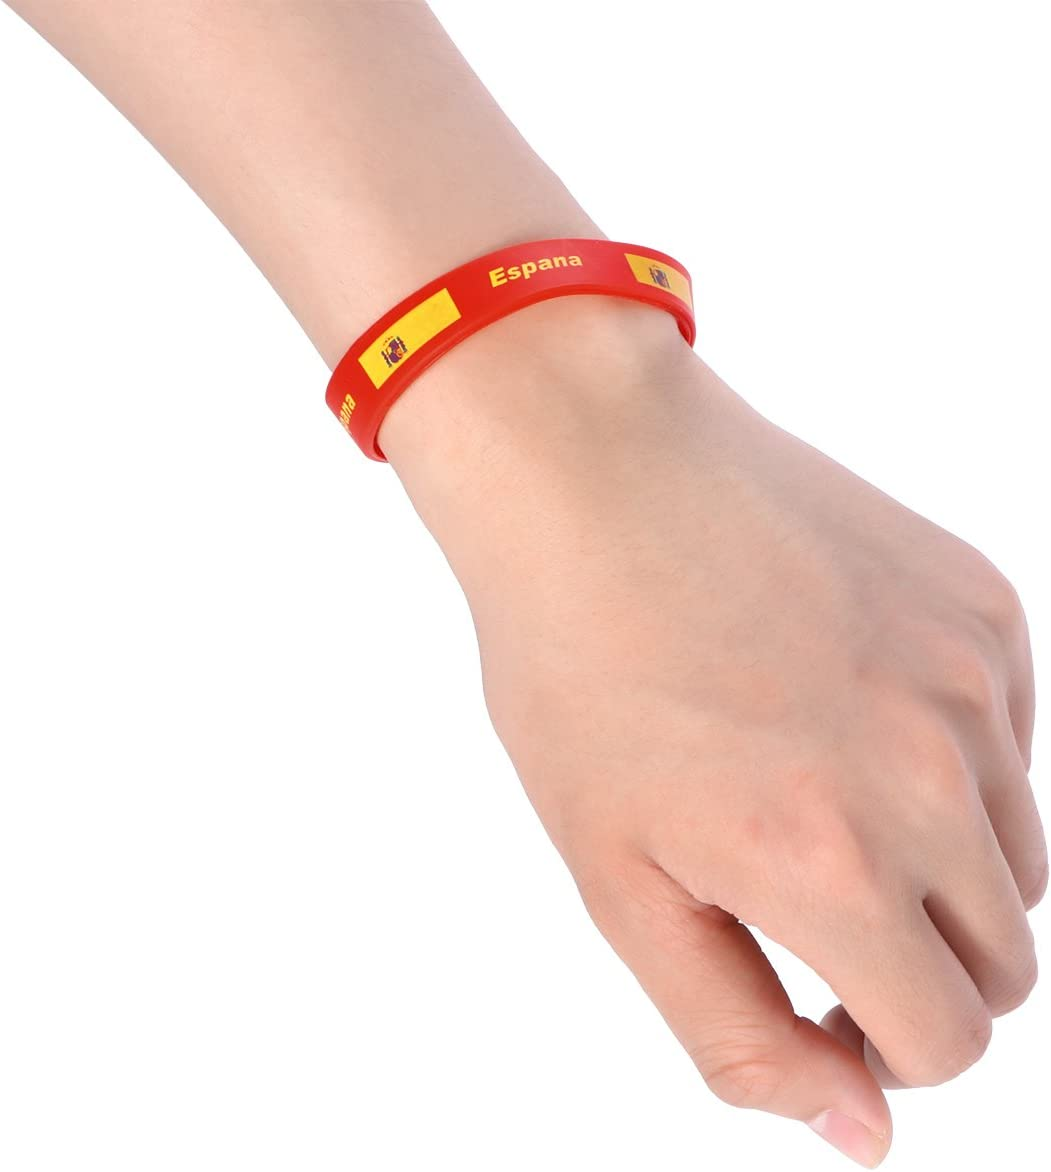 LUOEM Pulsera de silicona inspirada Pulsera de goma Moda Deportes Pulsera, Unisex Moda de adulto adolescente Suprema para Copa Mundial 2018 Paquete de 6 (España): Amazon.es: Juguetes y juegos